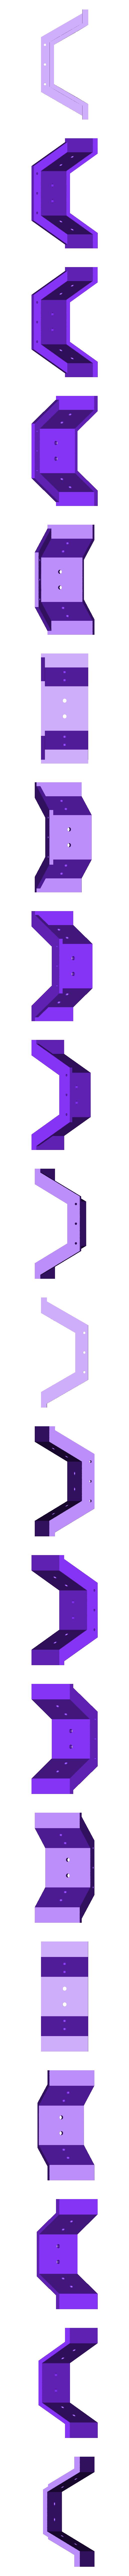 wallplanter_sisi_bot.stl Télécharger fichier STL Moule hexagonal en béton pour jardinières murales v1 • Design à imprimer en 3D, haya_farm